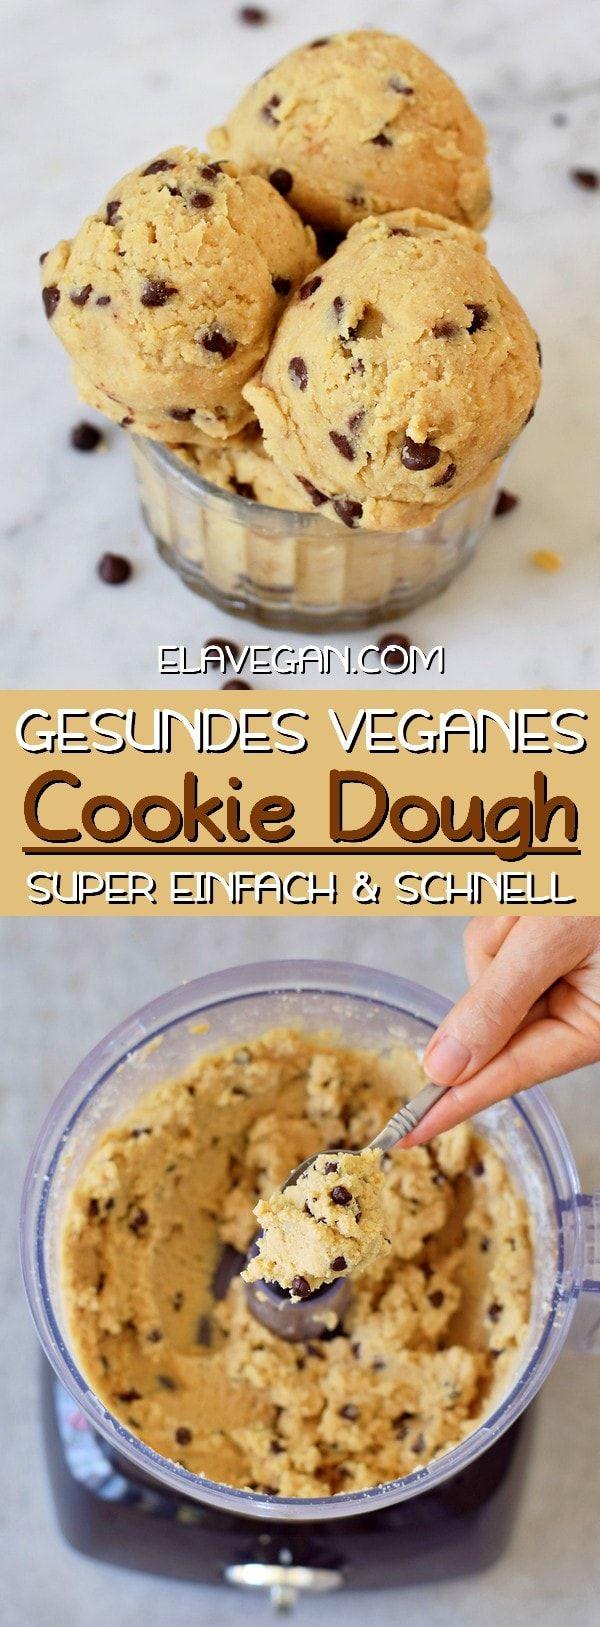 Dieser essbare vegane Keksteig enthält nur 8 Zutaten und eine davon wird dich wahrscheinlich überraschen! Das Cookie Dough Rezept ist viel gesünder als die meisten Plätzchenteige, ist proteinreich, eifrei und kann ölfrei und ohne Zucker gemacht werden! Der Keksteig ist schnell und einfach in weniger als 10 Minuten zubereitet. #keksteig #plätzchenteig #cookiedoughrezept | elavegan.com/de